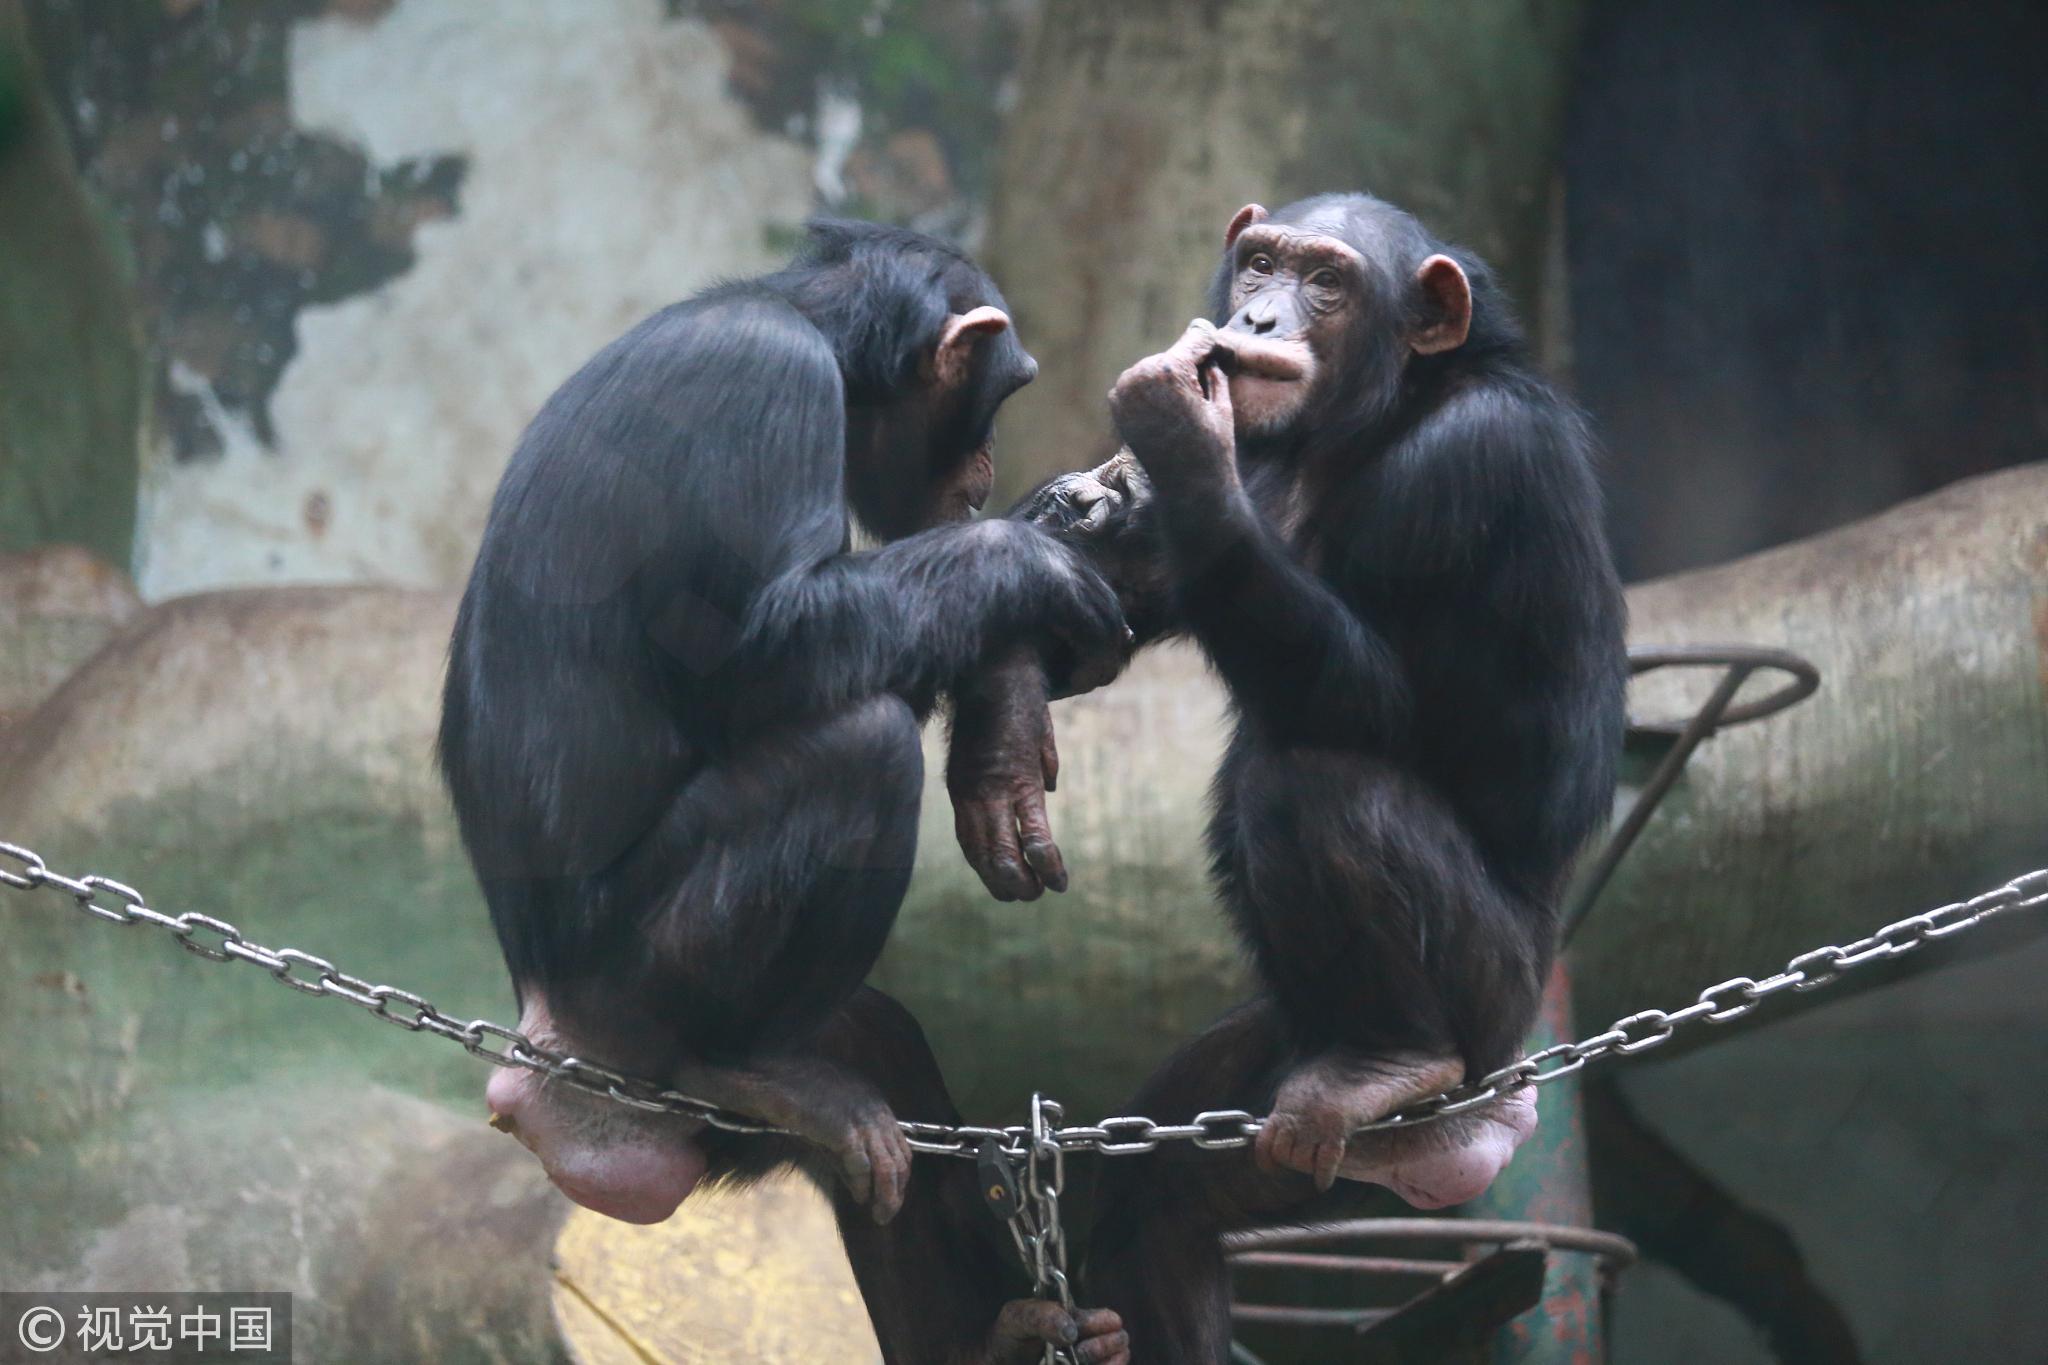 济南动物园,一只黑猩猩在给另一只梳理毛发,这是它们表达感情的一种有效的方式 / 视觉中国